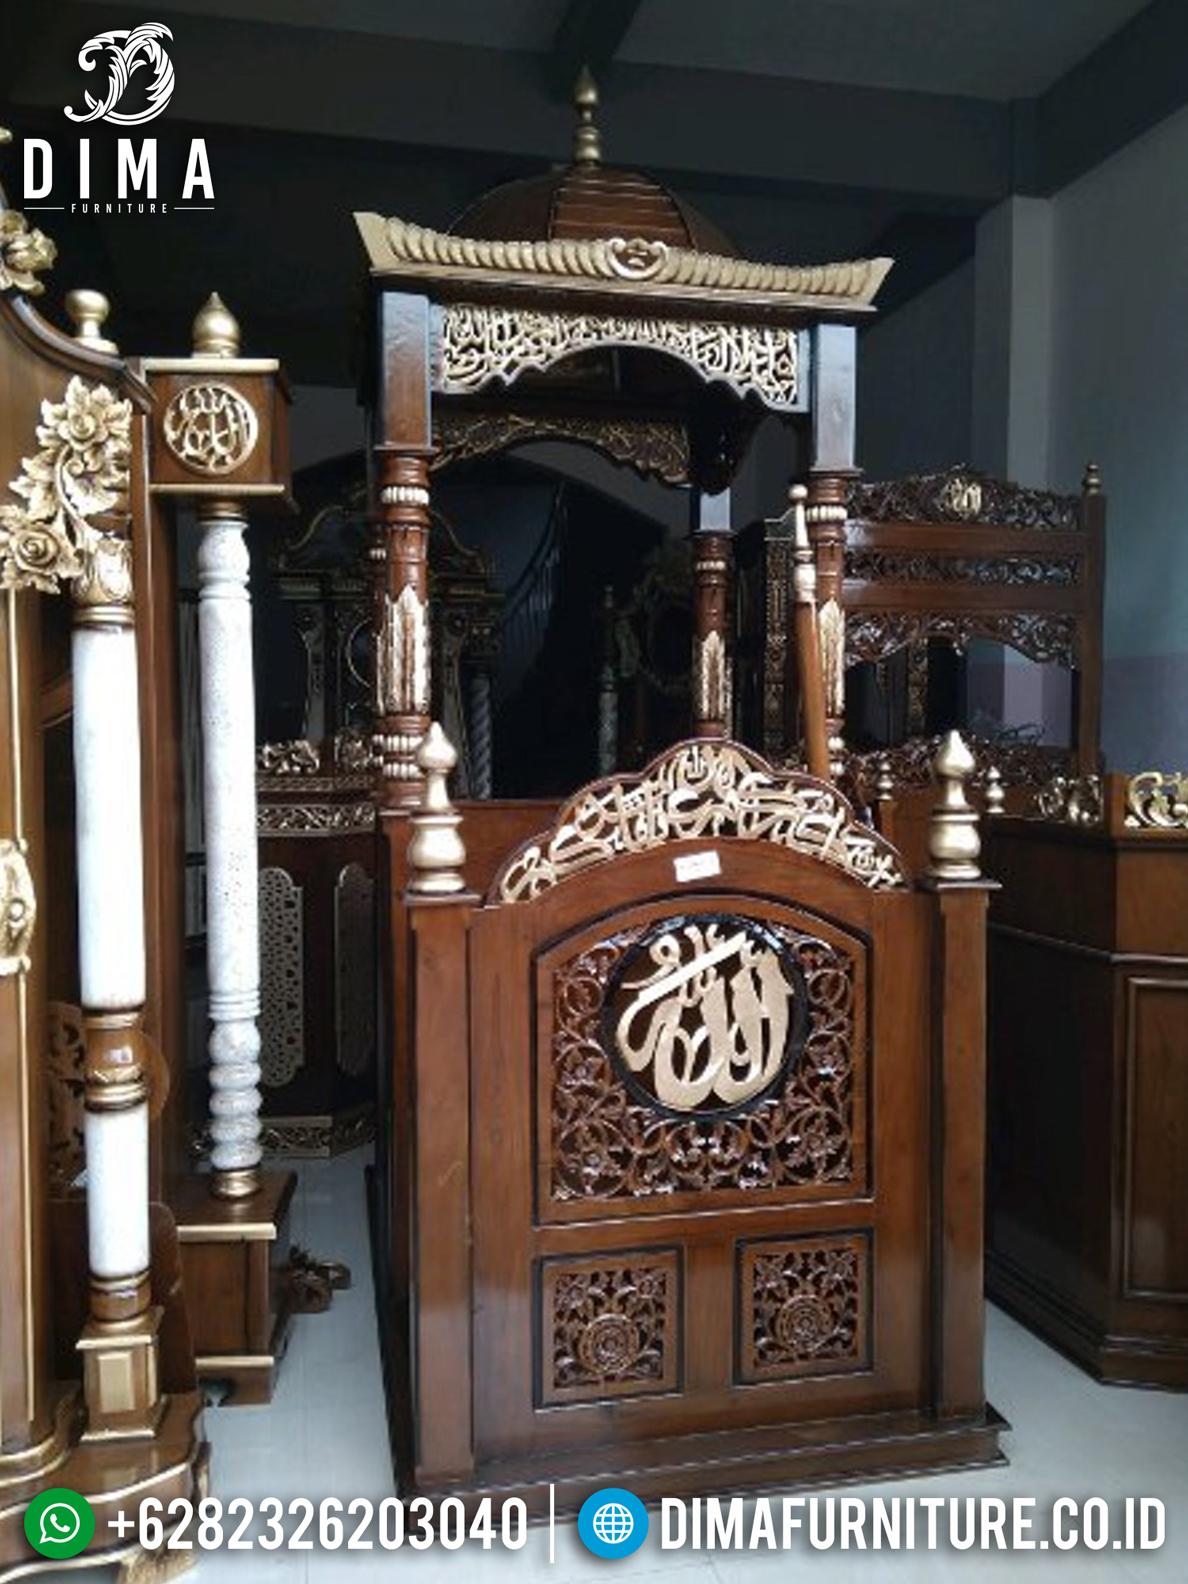 Jual Mimbar Masjid, Mimbar Jati Jepara Murah, Mimbar Masjid Jati TPK DF-0718